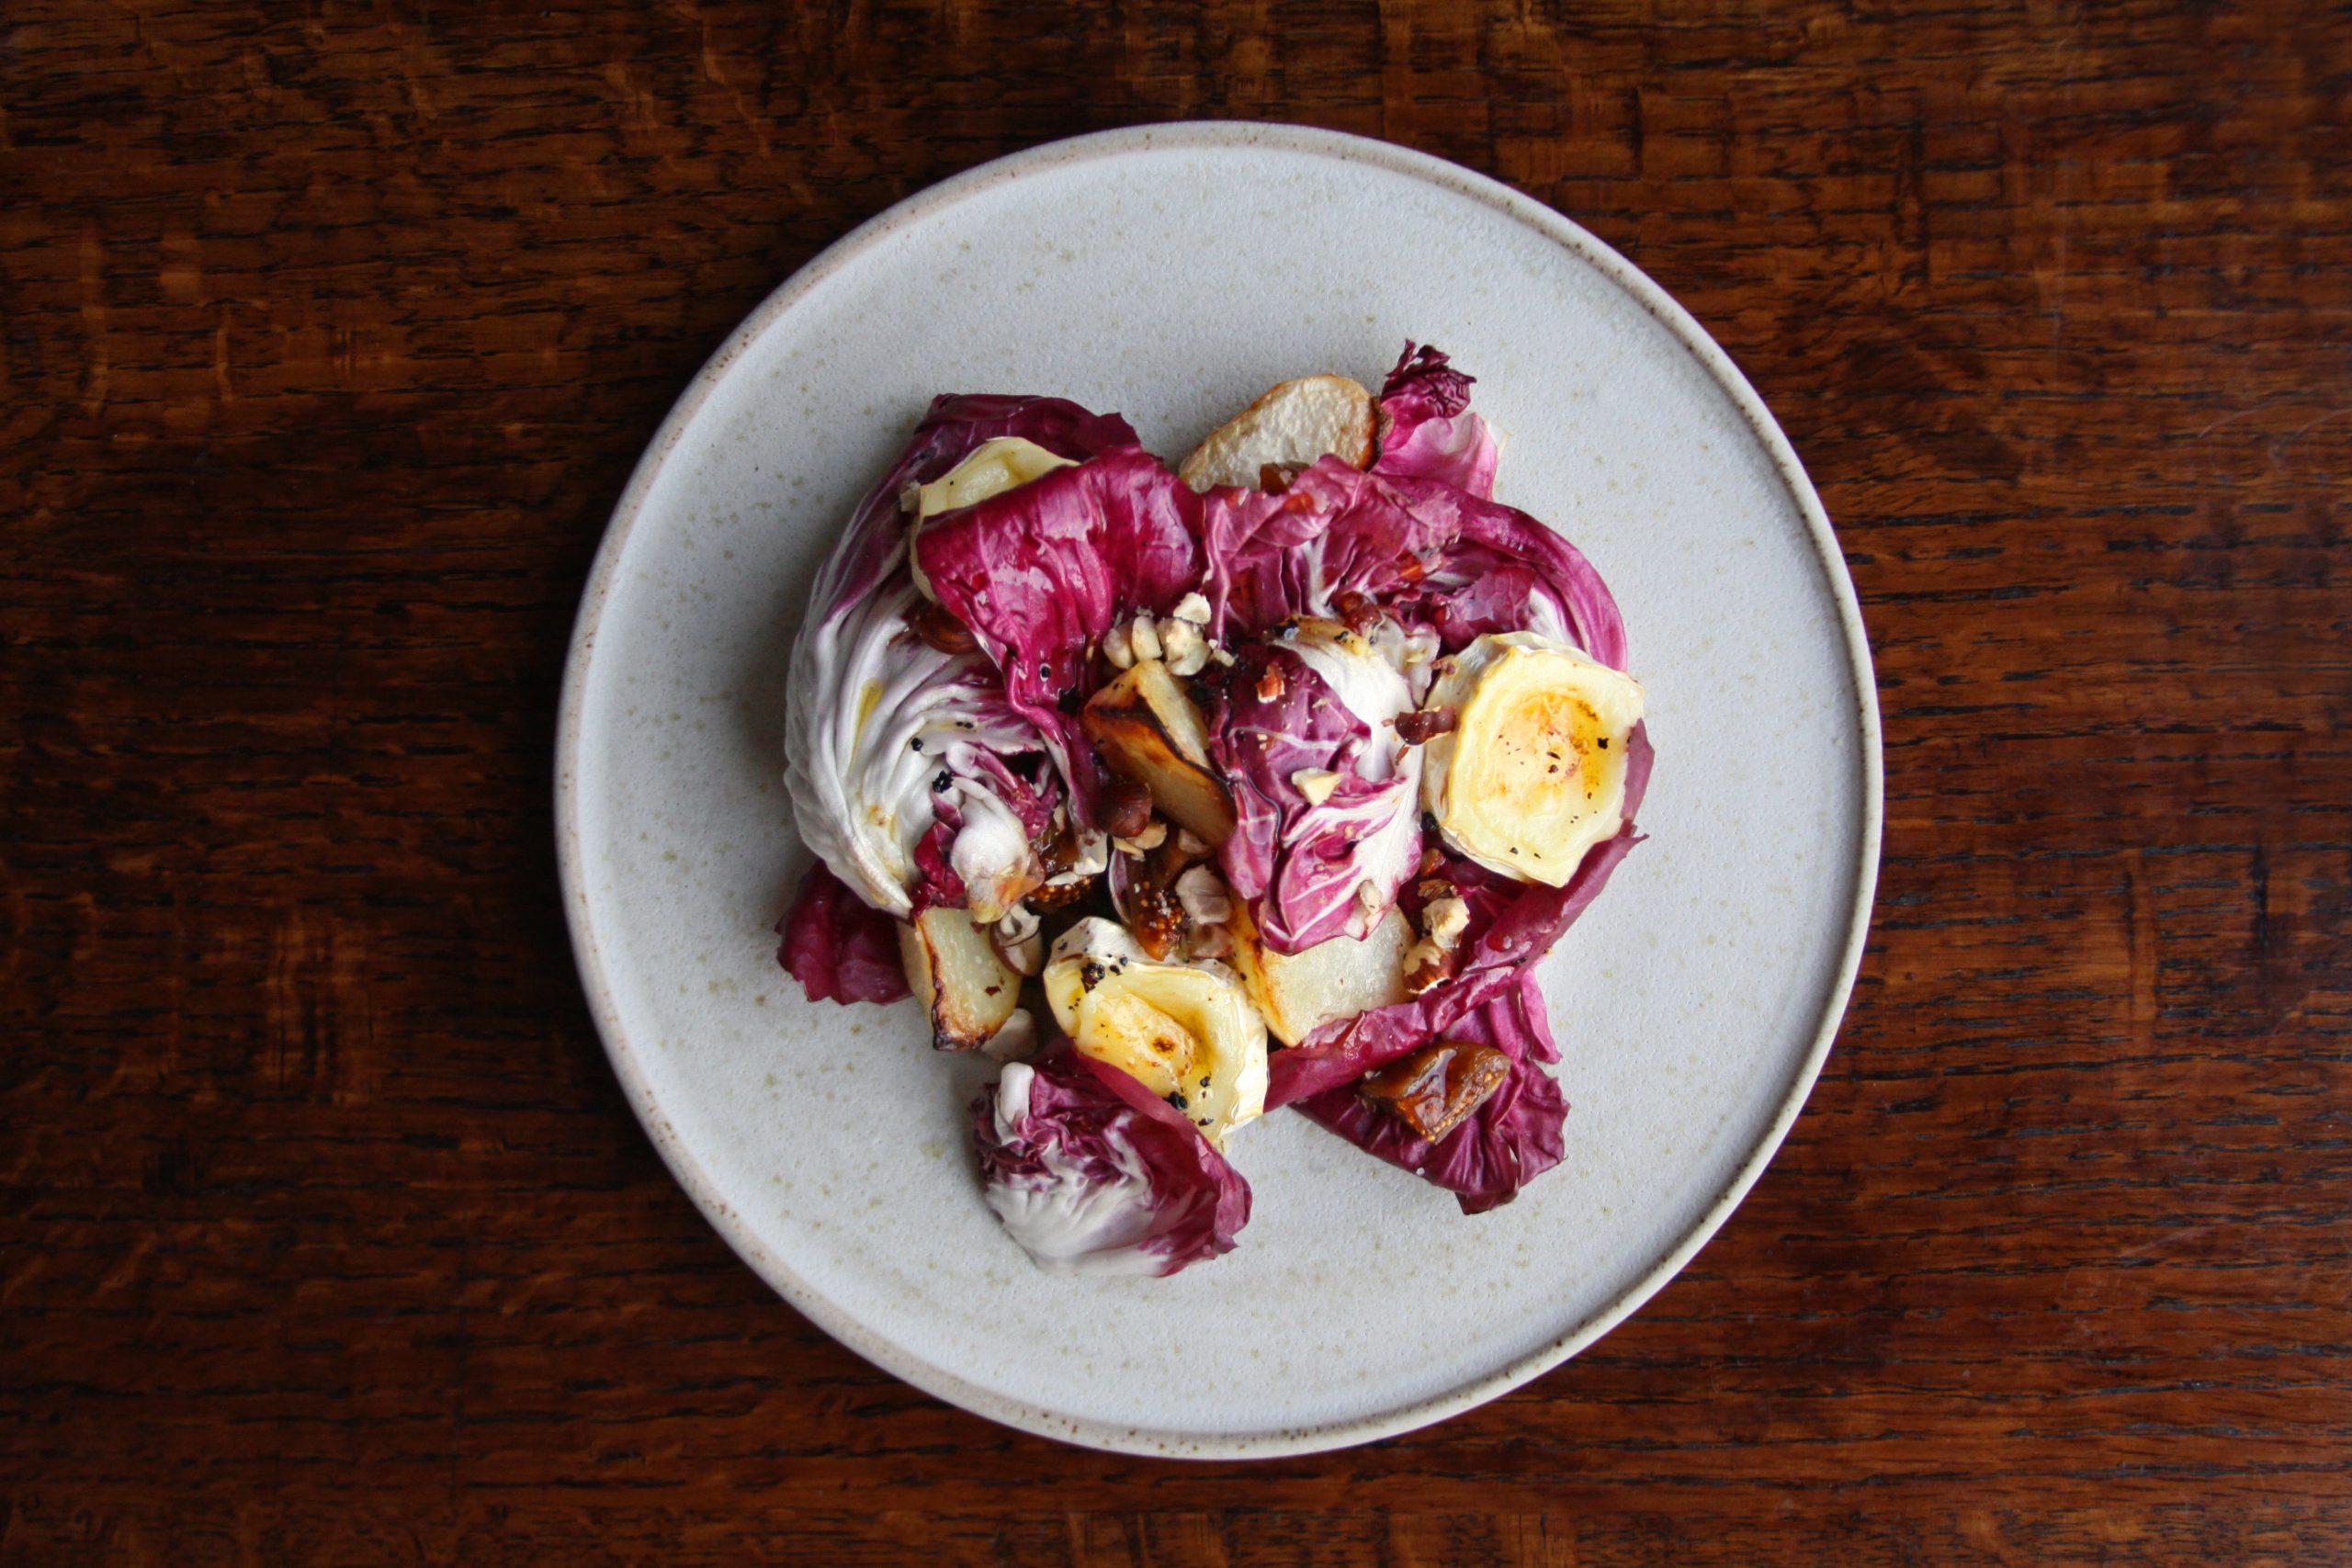 plate of delicious radicchio salad